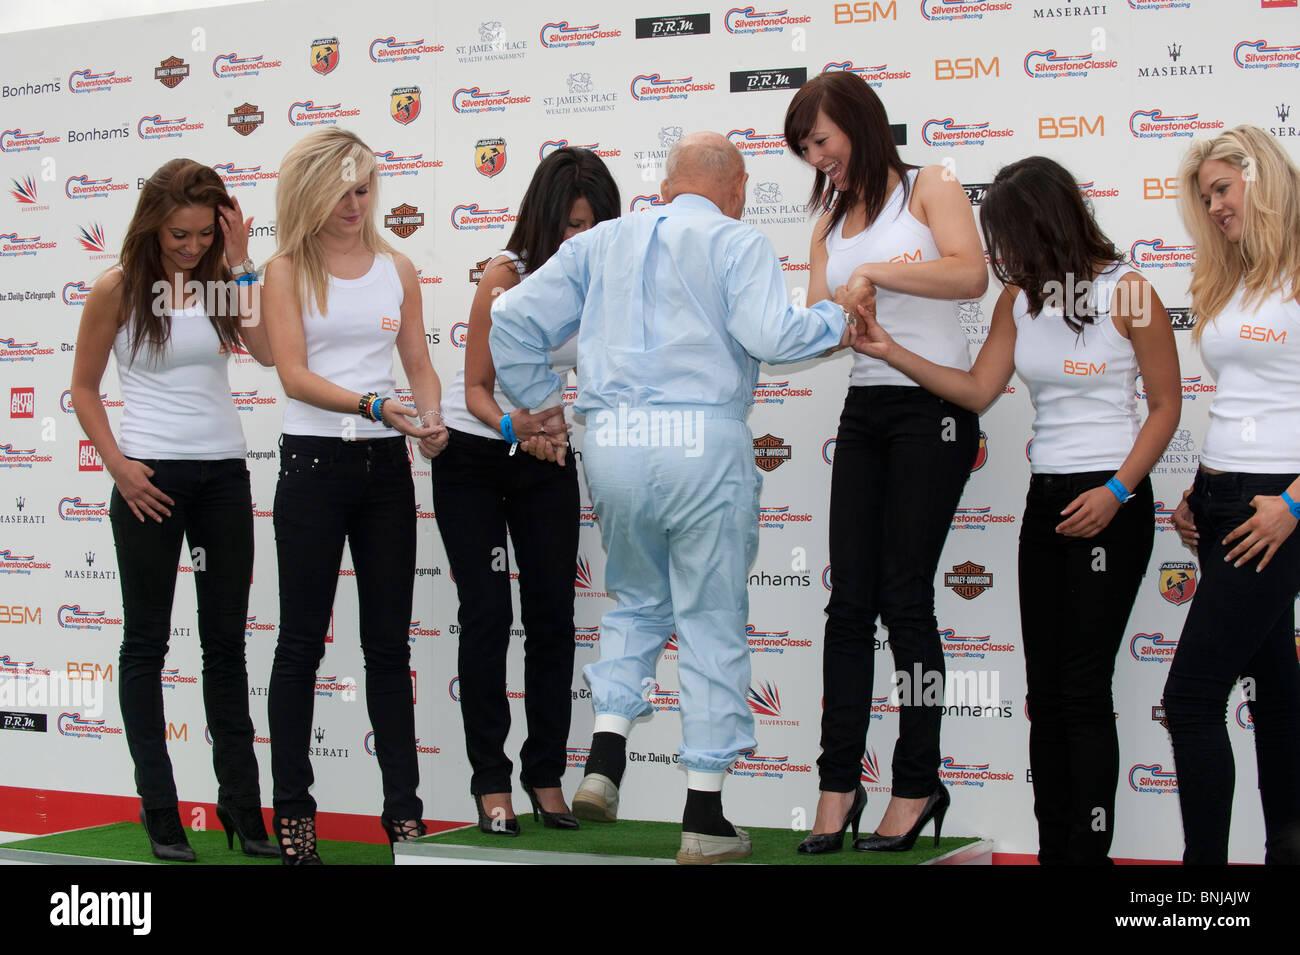 Rennfahrer Sir Stirling Moss mit BSM Aktionen Mädchen bei der Silverstone Classic 2010-Motorsport-Veranstaltung Stockbild